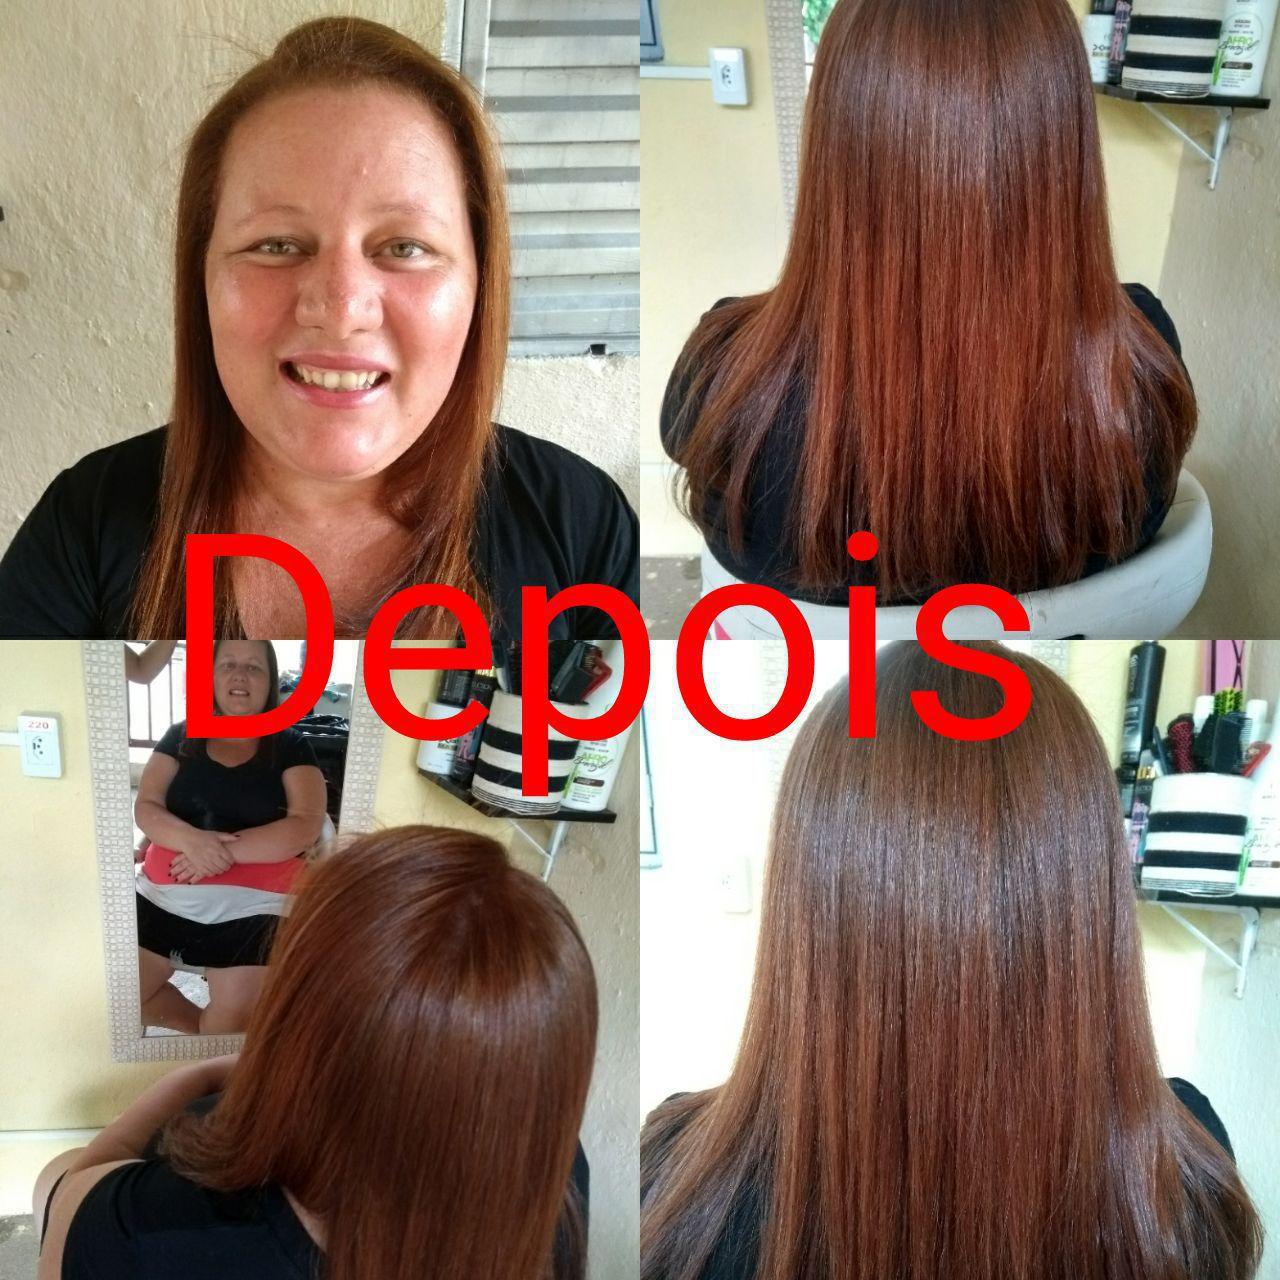 Correção de cor  cabelo estudante (cabeleireiro) auxiliar administrativo manicure e pedicure recepcionista